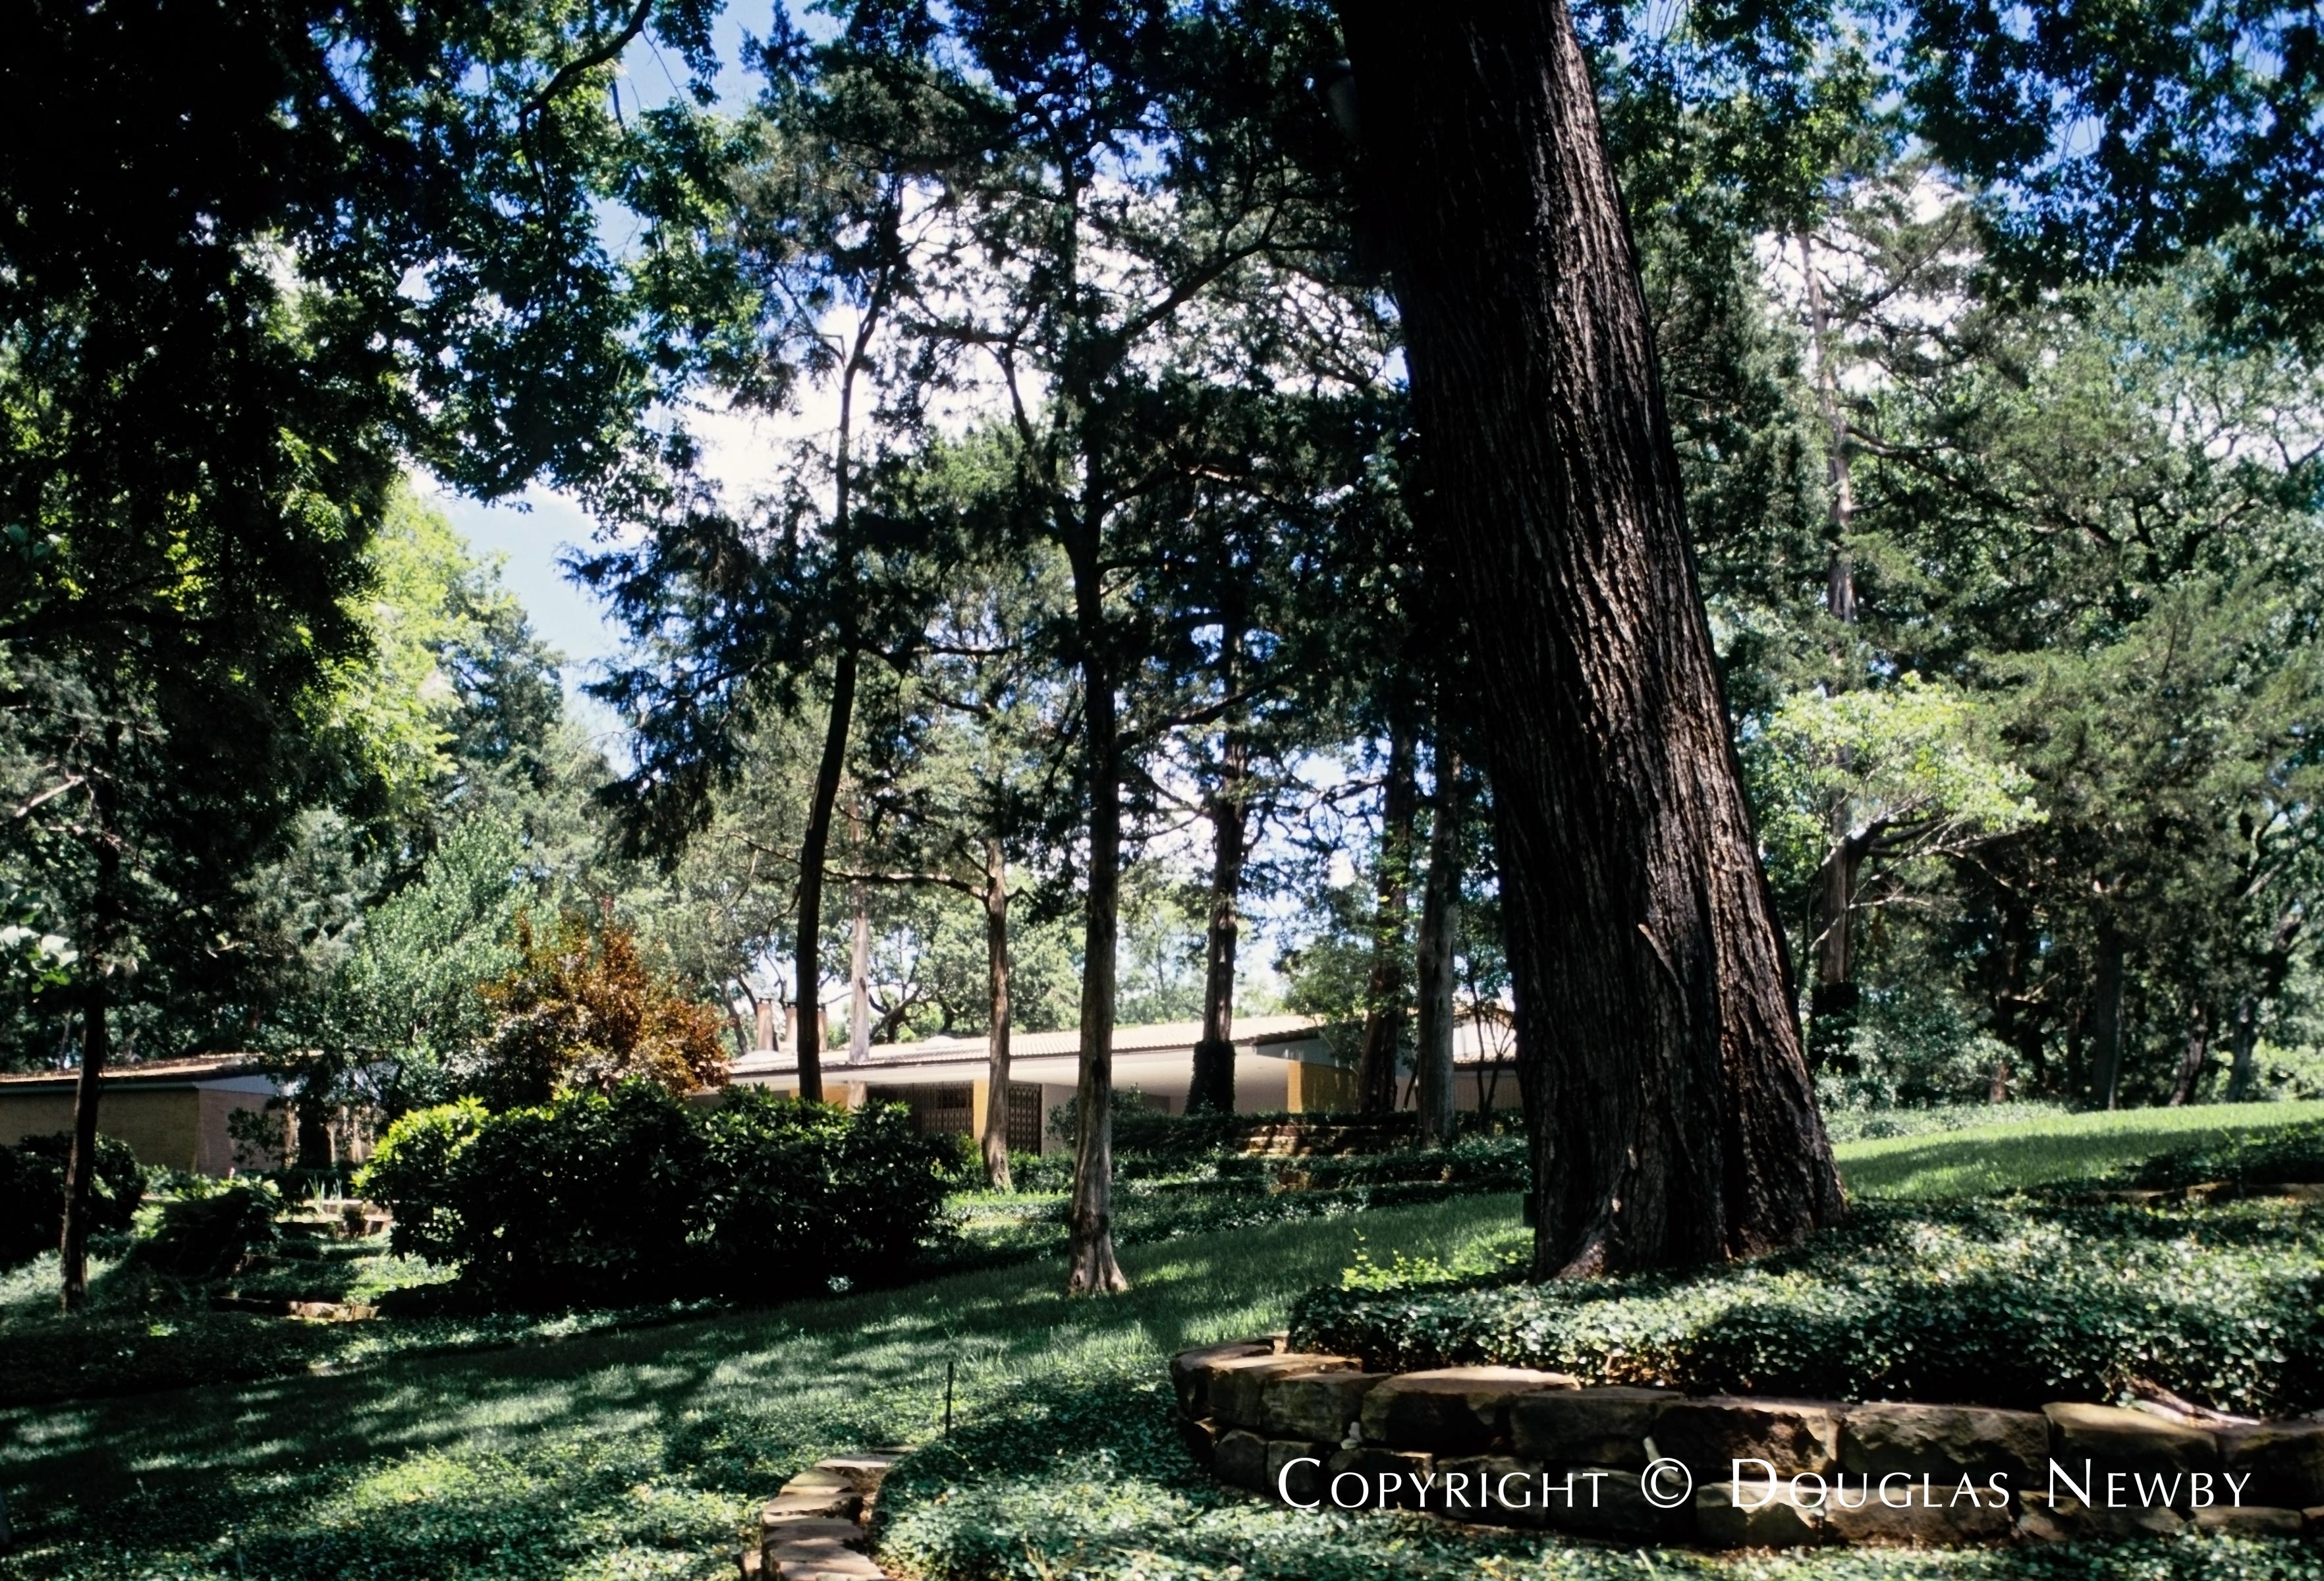 Home in Kessler Park